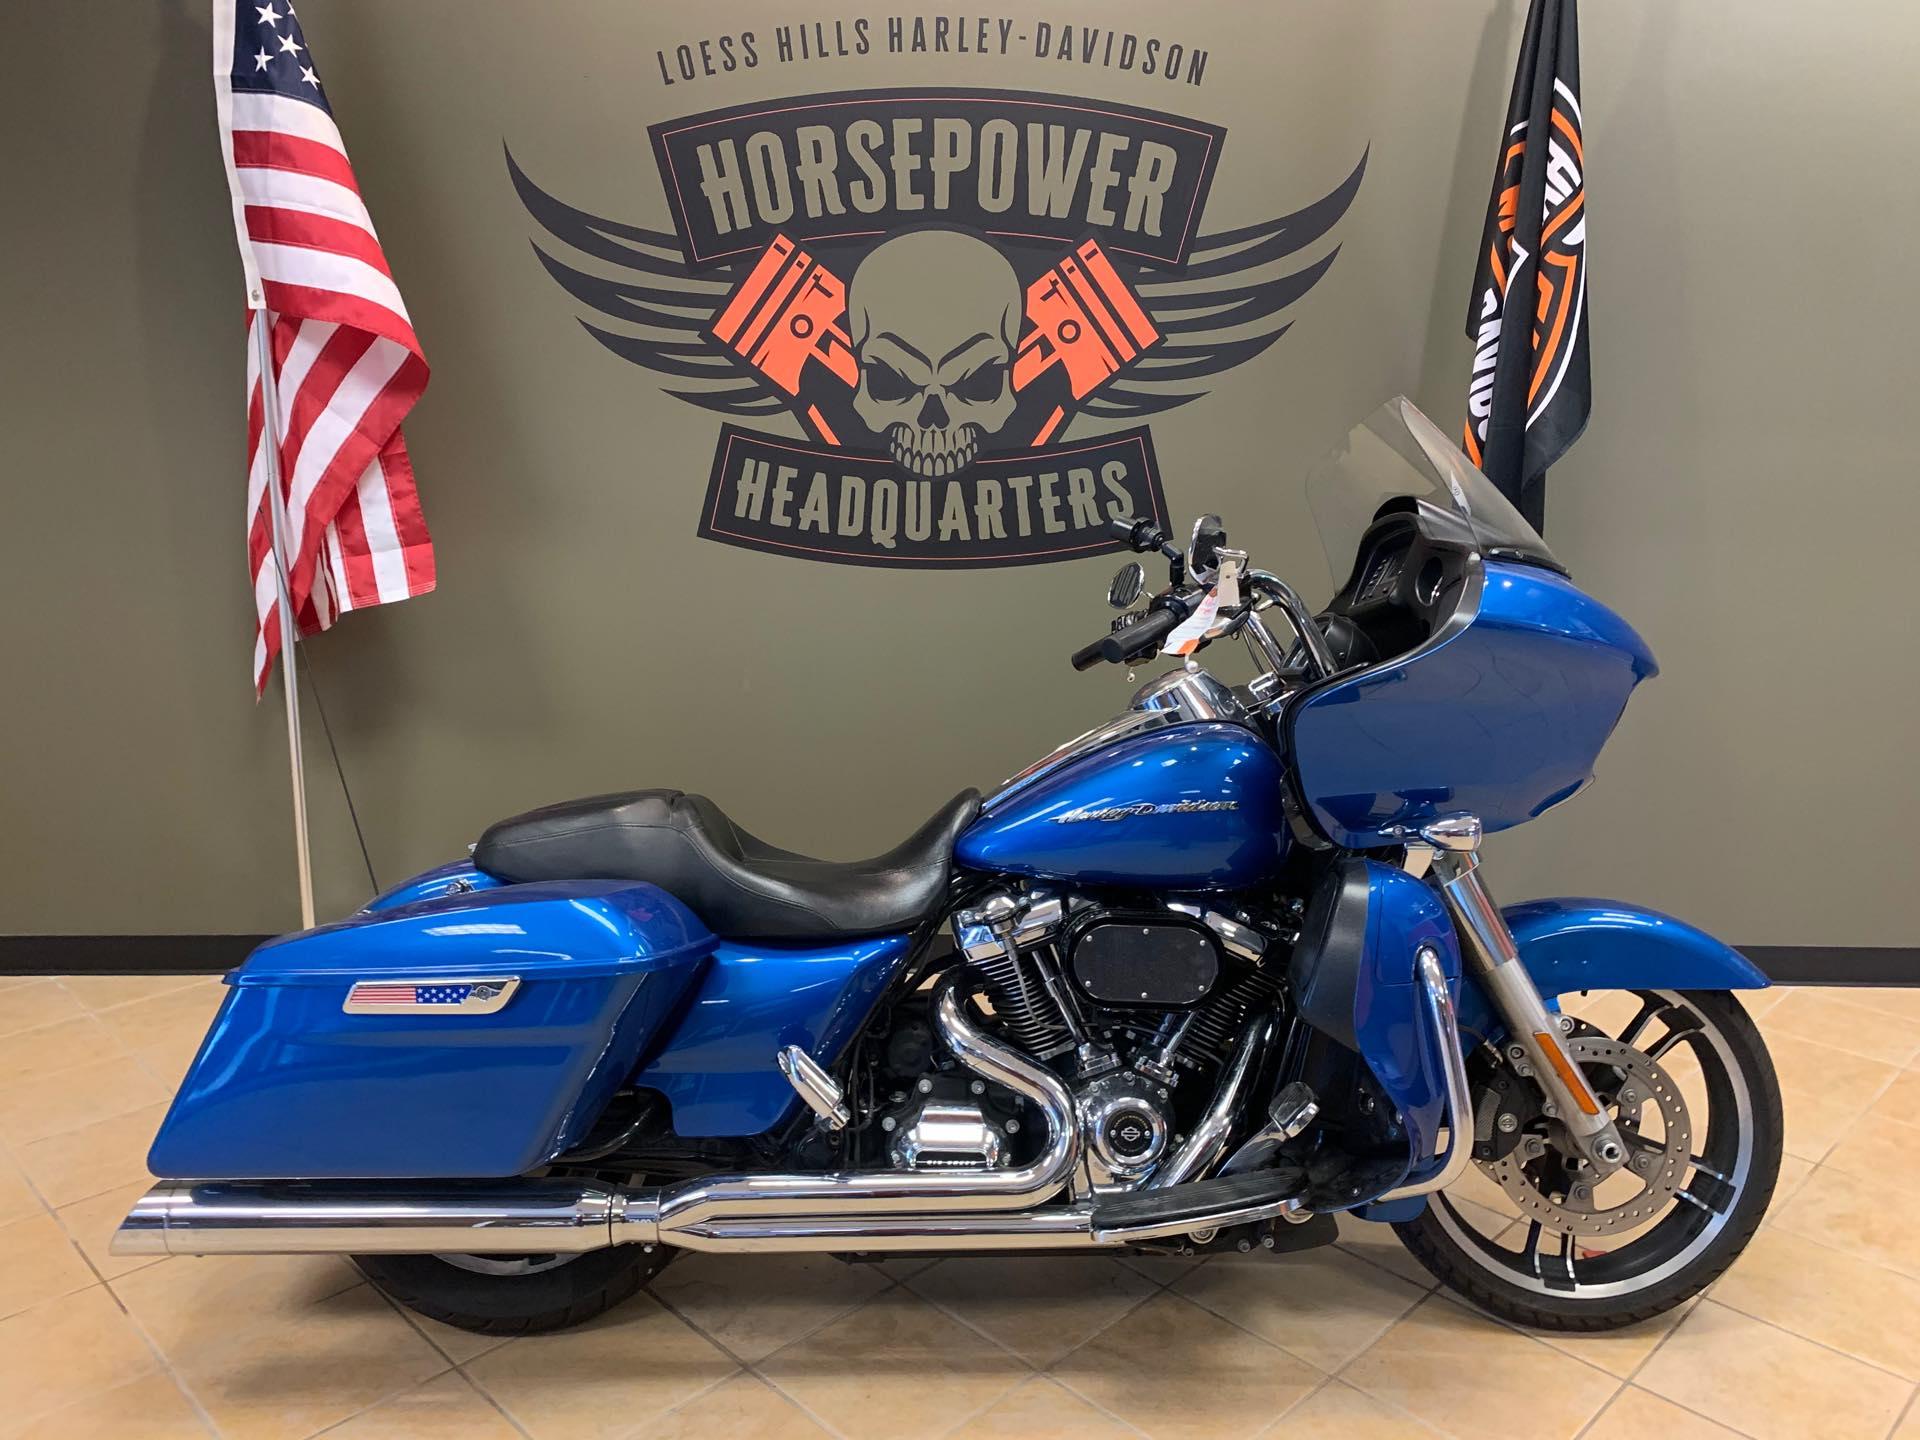 2017 Harley-Davidson Road Glide Base at Loess Hills Harley-Davidson